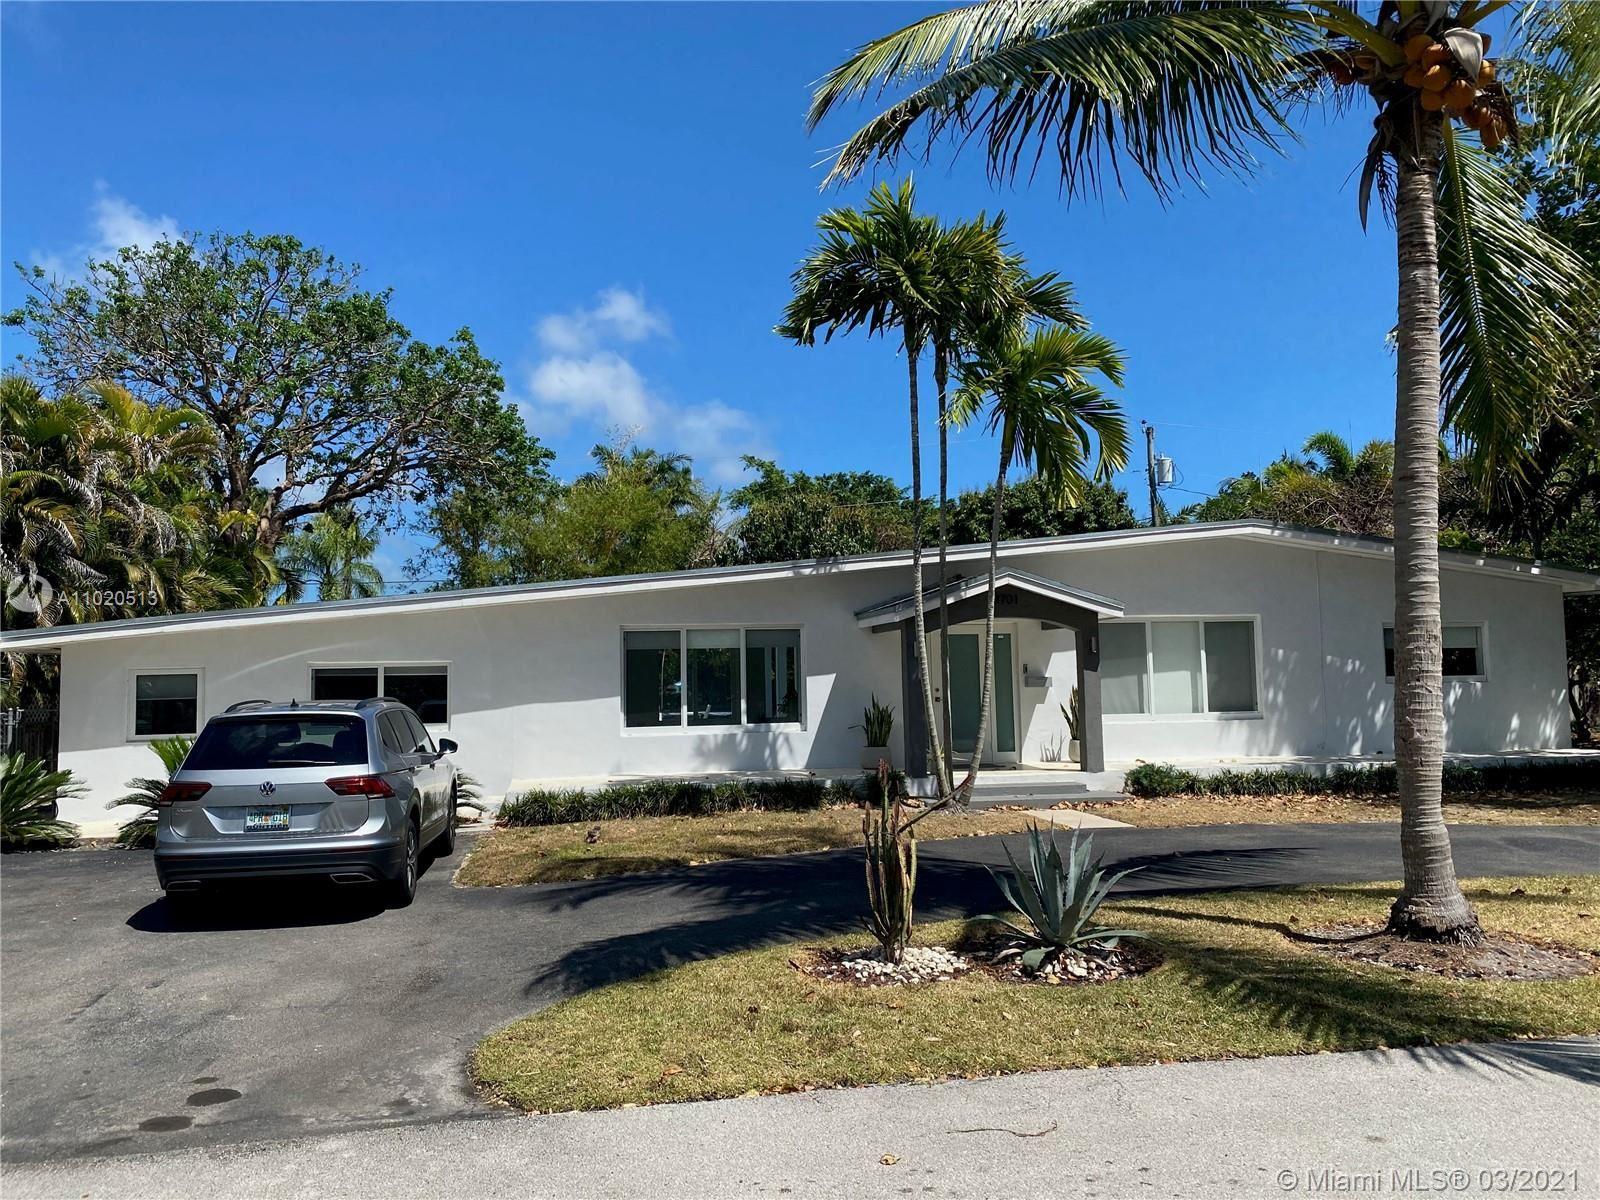 14701 SW 87th Ct, Palmetto Bay, FL 33176 - #: A11020513